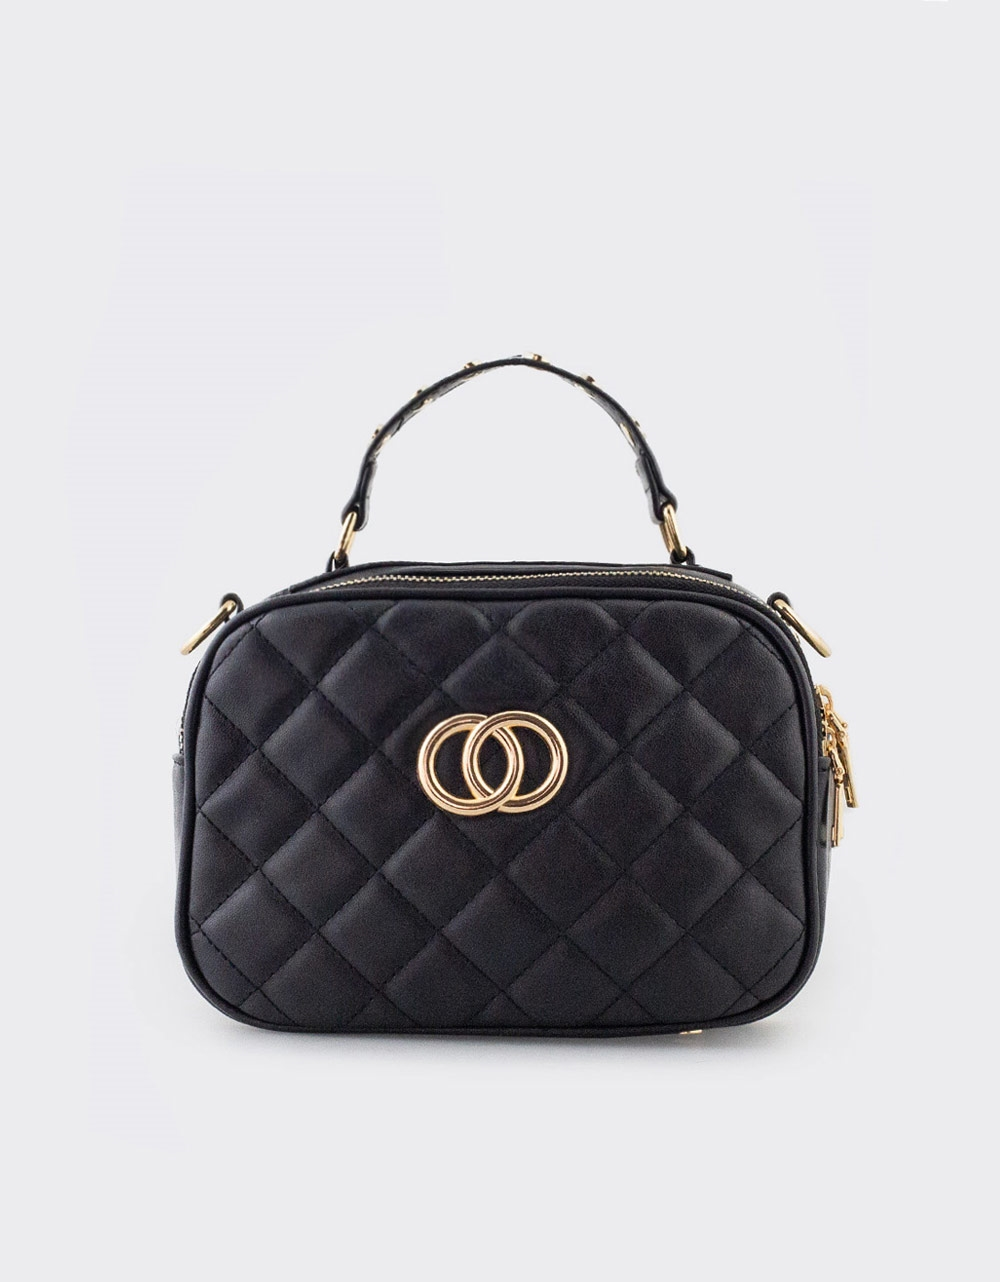 Εικόνα από Γυναικεία τσάντα ώμου με διακοσμητικό τοκά Μαύρο